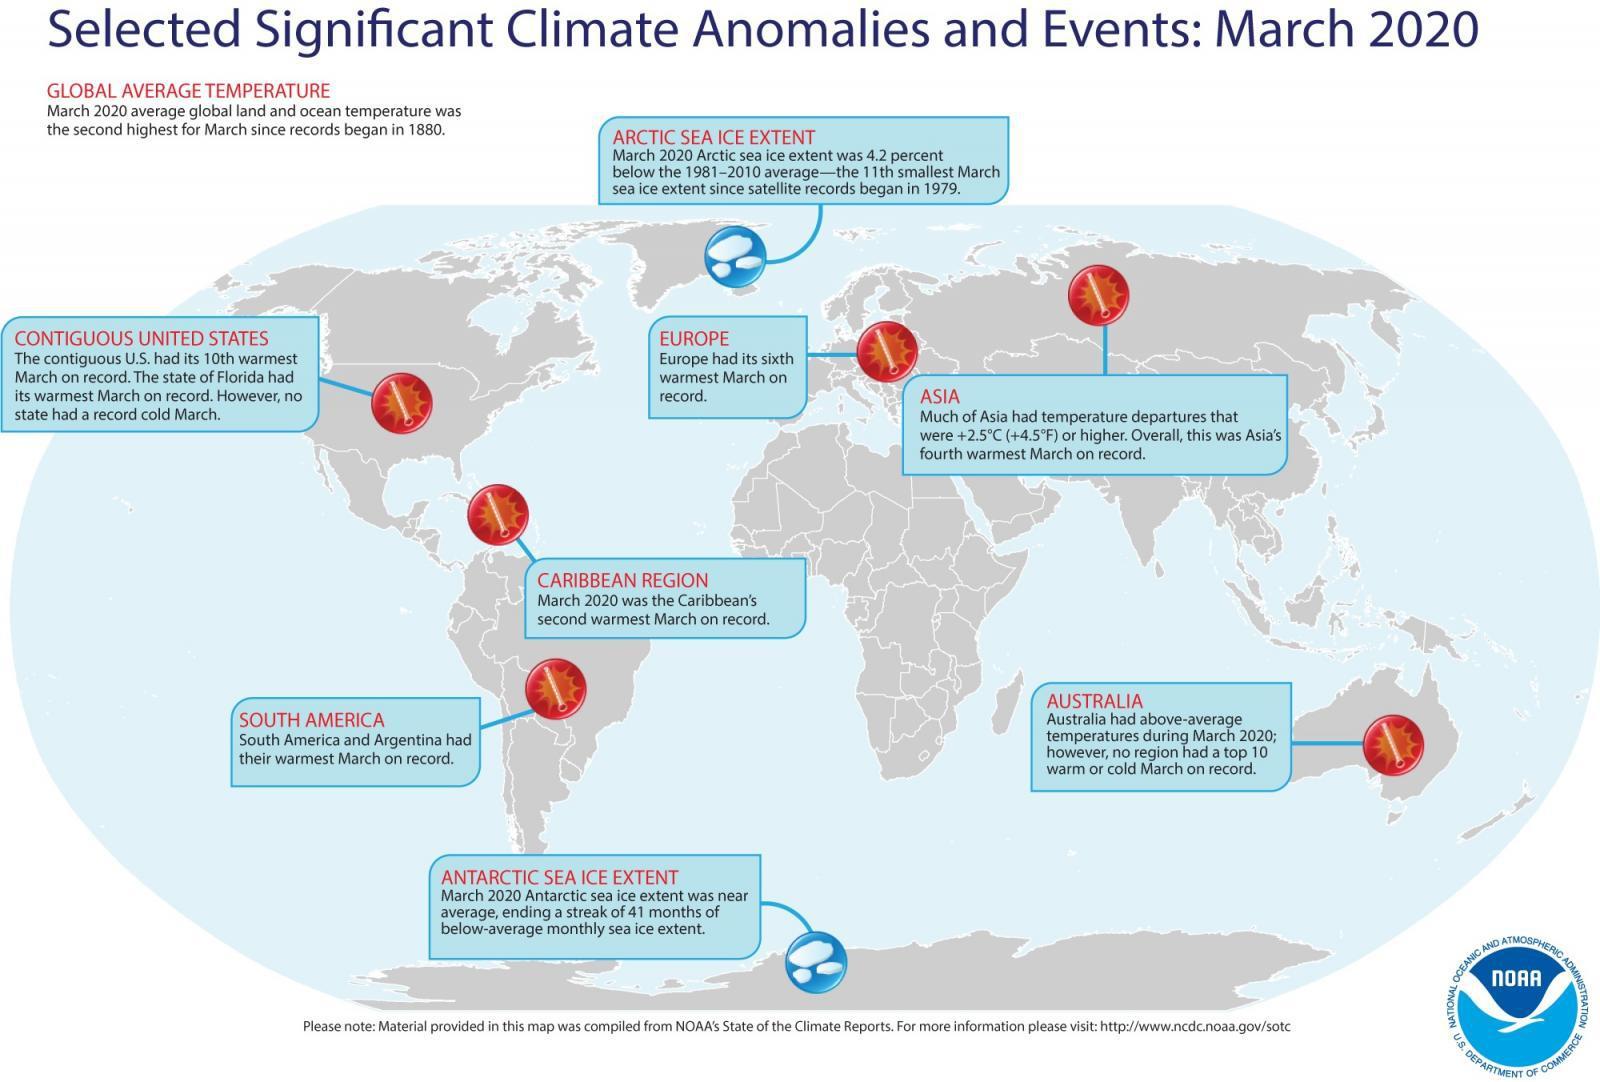 ปี 2020 อาจเป็นปีที่ร้อนที่สุดในประวัติศาสตร์